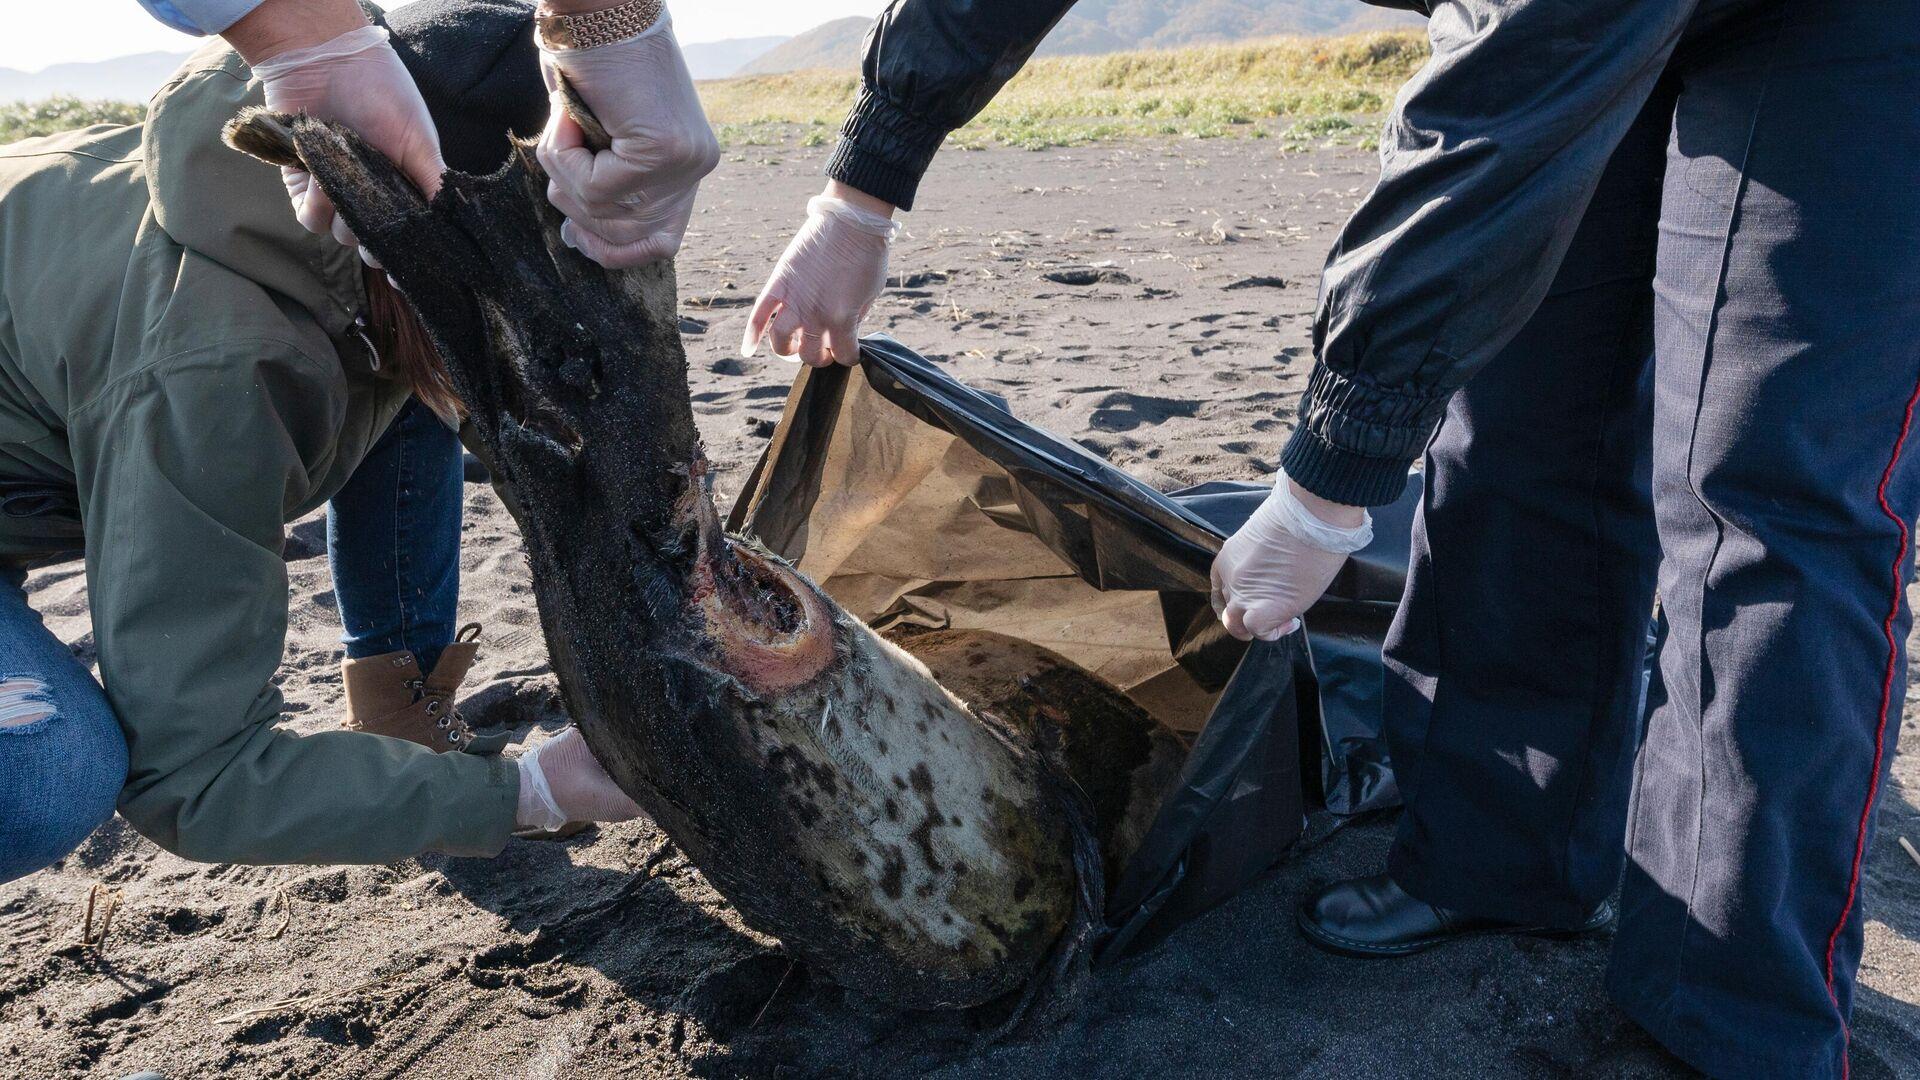 На Камчатке тысячи морских животных выбросились на берег - РИА Новости, 1920, 06.10.2020